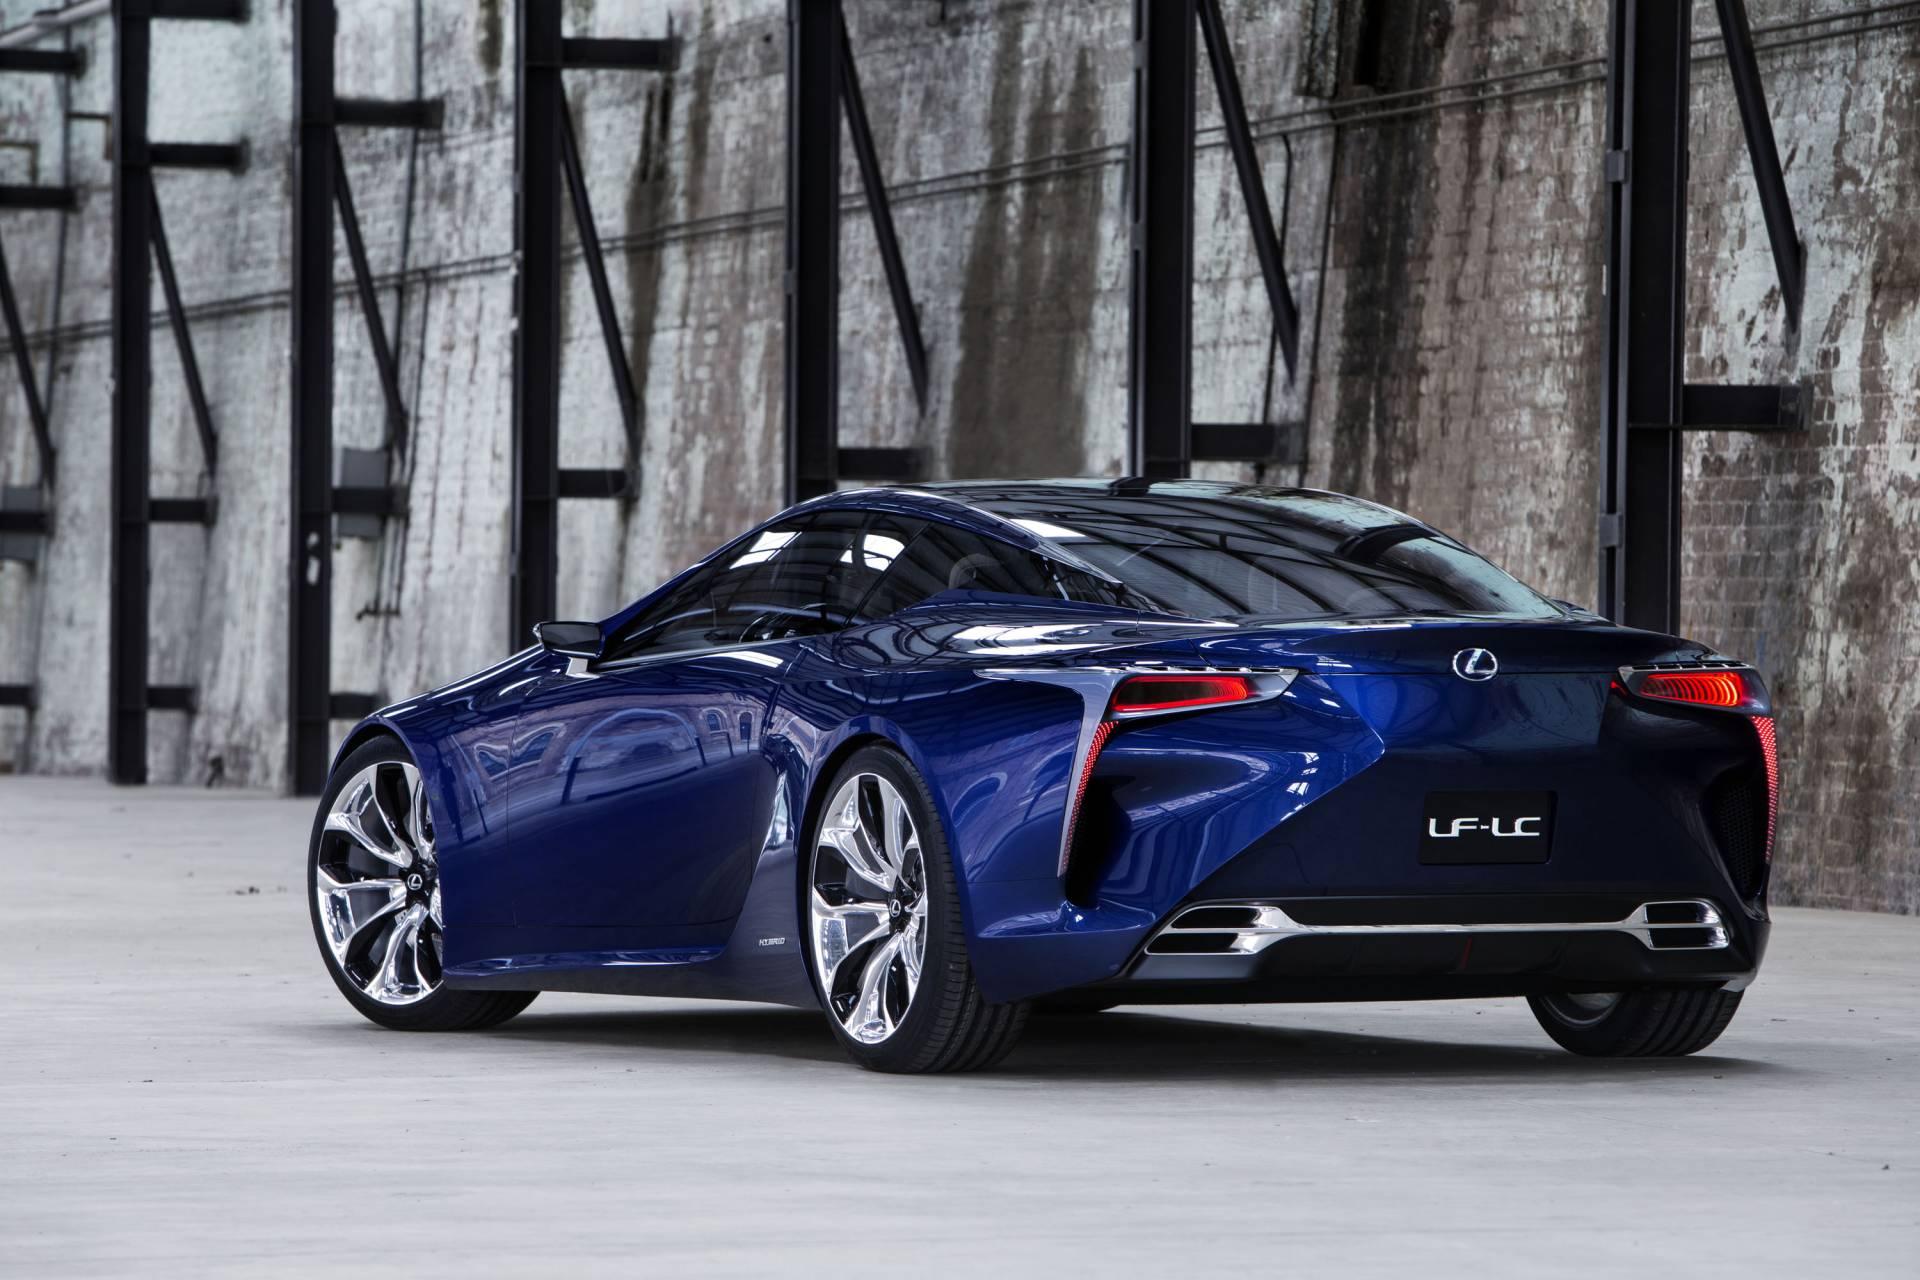 https://www.conceptcarz.com/images/Lexus/Lexus-LF-LC_Blue-Concept-Image-02.jpg